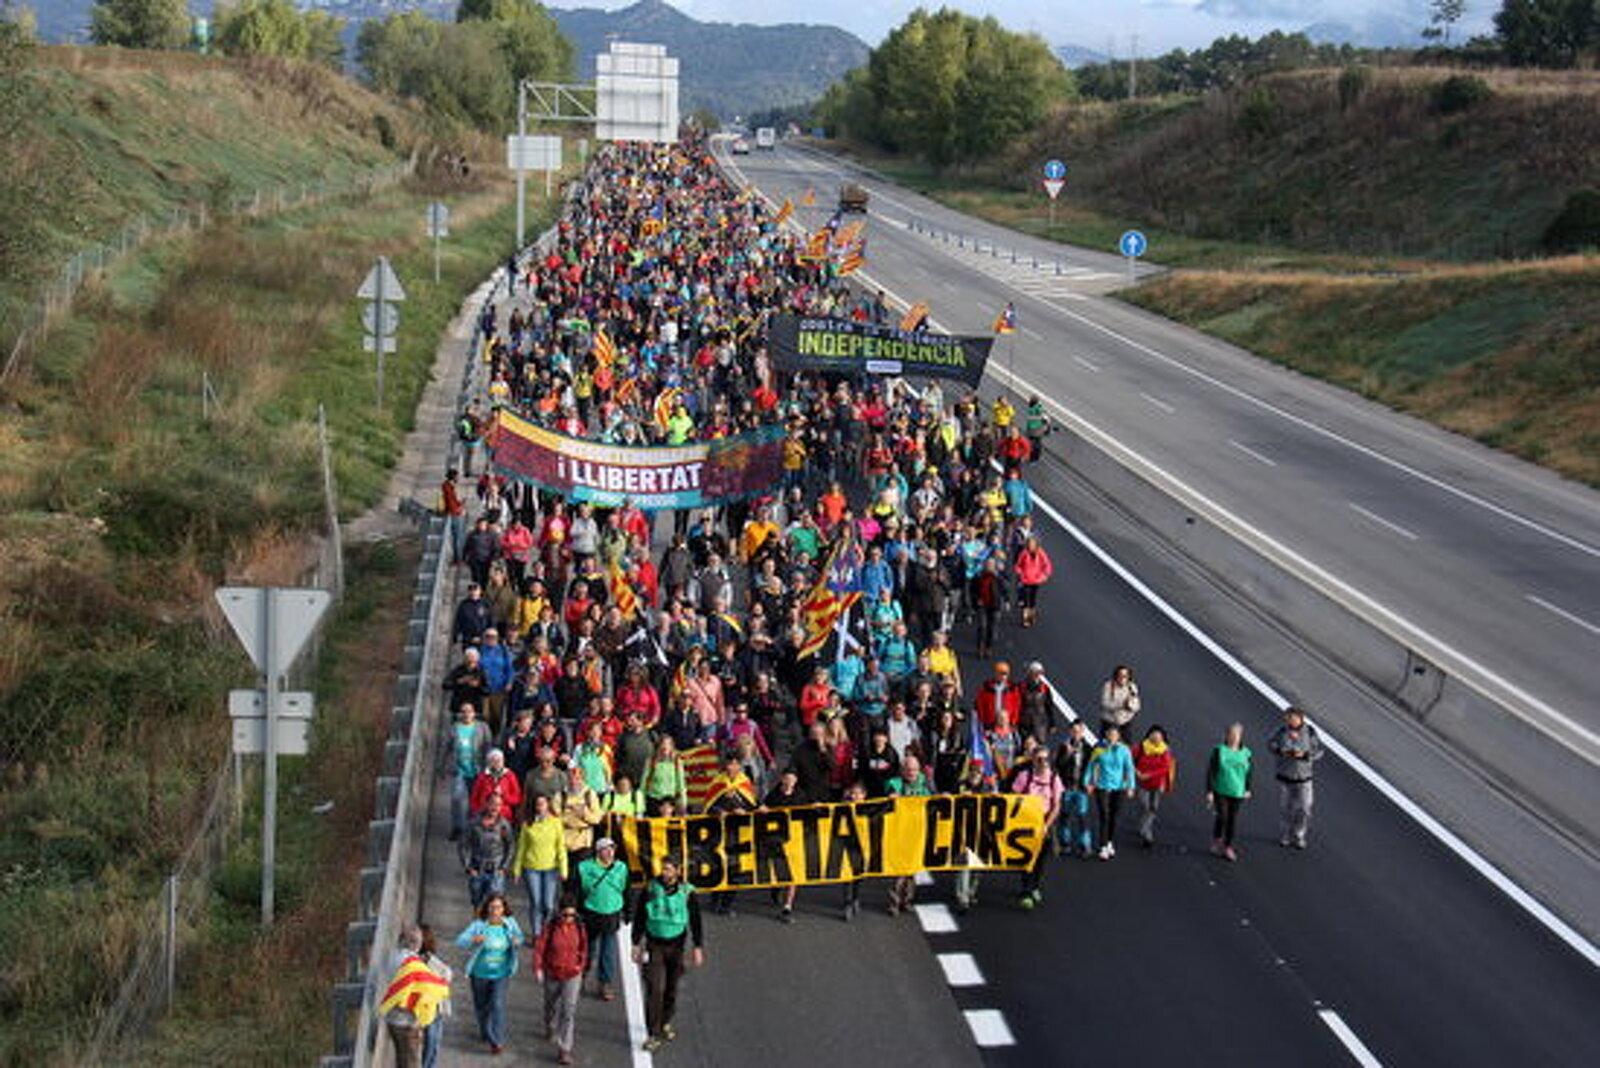 Assistents a la Marxa per la Llibertat que ha sortit de Berga, caminant per la carretera C-16 en direcció Manresa